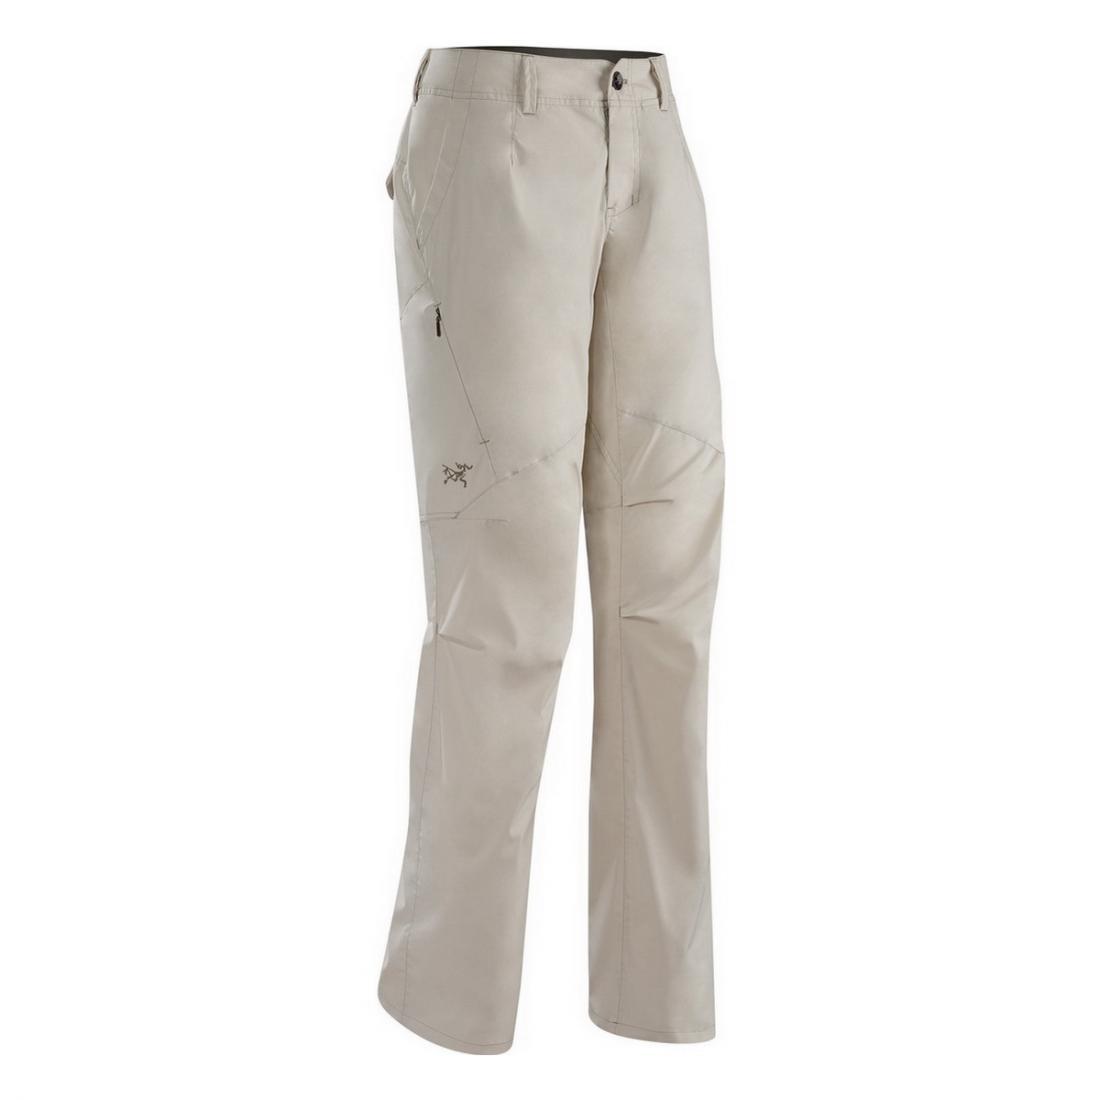 Брюки Kenna Pant жен.Брюки, штаны<br><br><br><br> Брюки карго – самая удобная модель для активных путешествий. Kenna Pant Womens – стильные и удобные брюки от канадского производителя Arc...<br><br>Цвет: Бежевый<br>Размер: 6